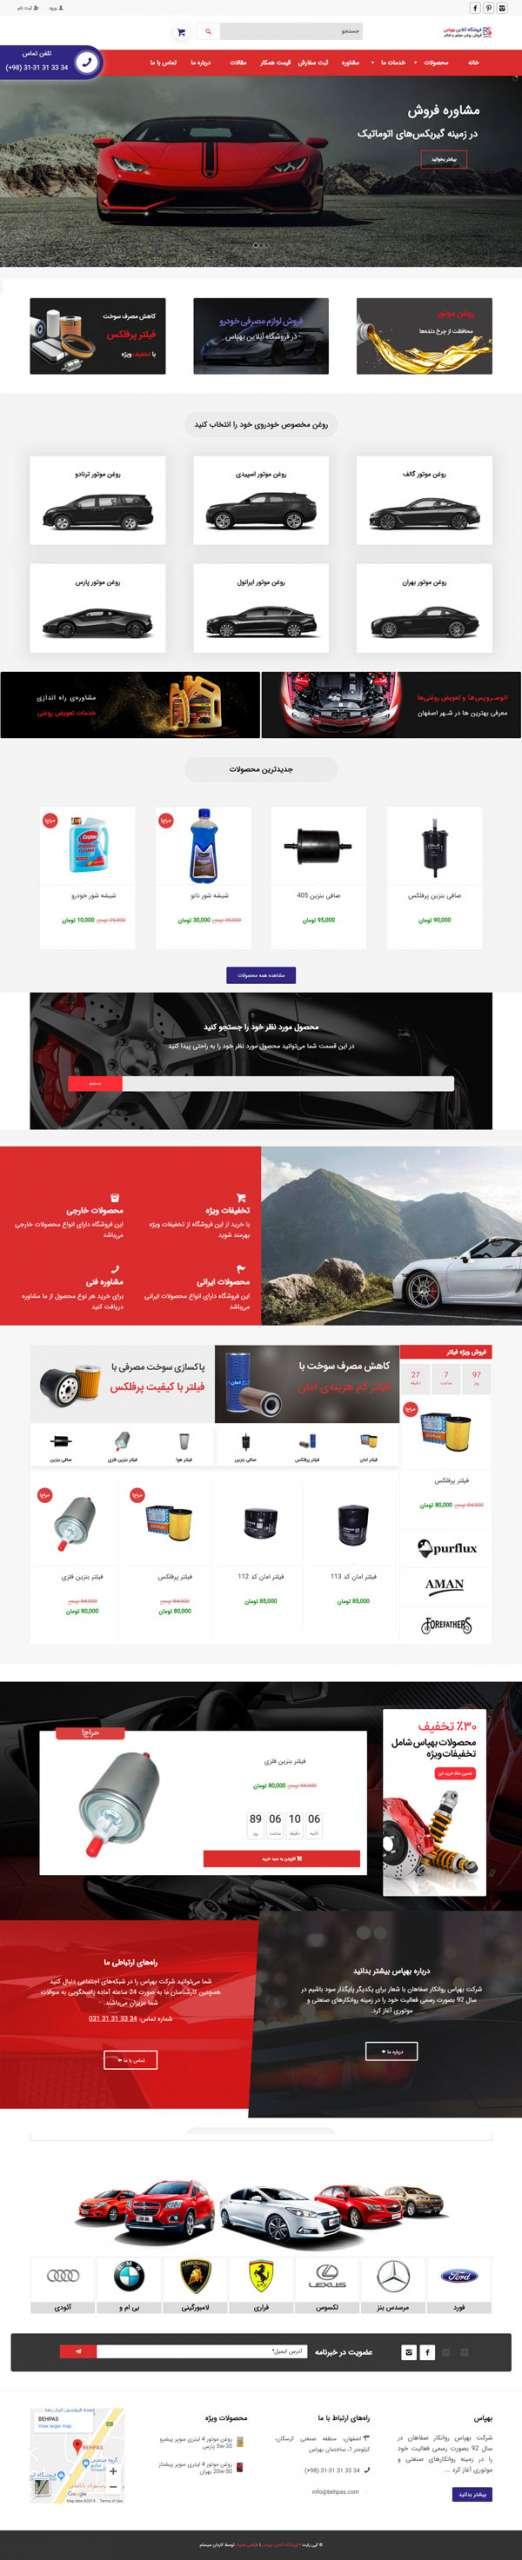 طراحی سایت بهپاس | شرکت پخش روغن موتور